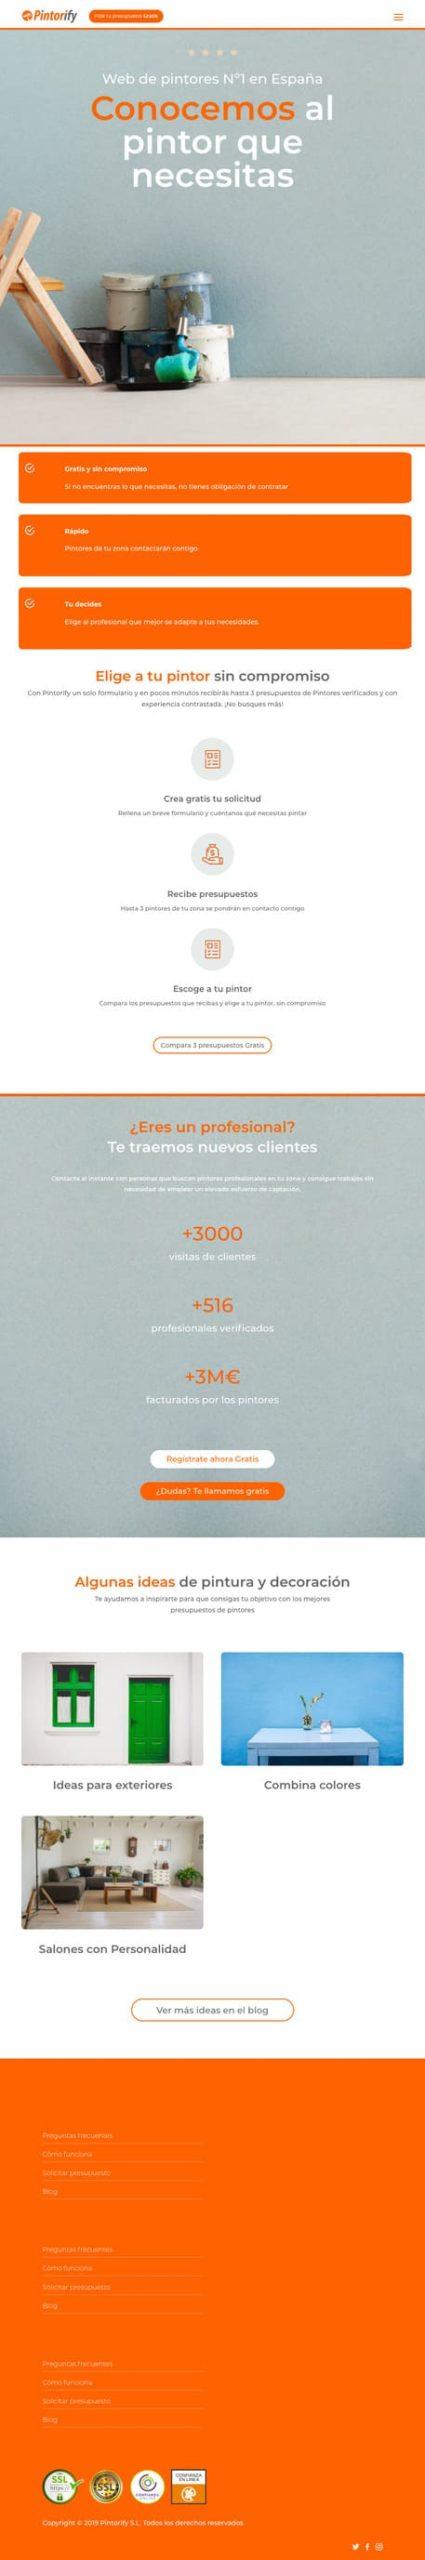 Pintorify.com_presupuestos_dee_pintores_apido_y_gratuito_desde_el_movil_web_responsive_desarrollum_com